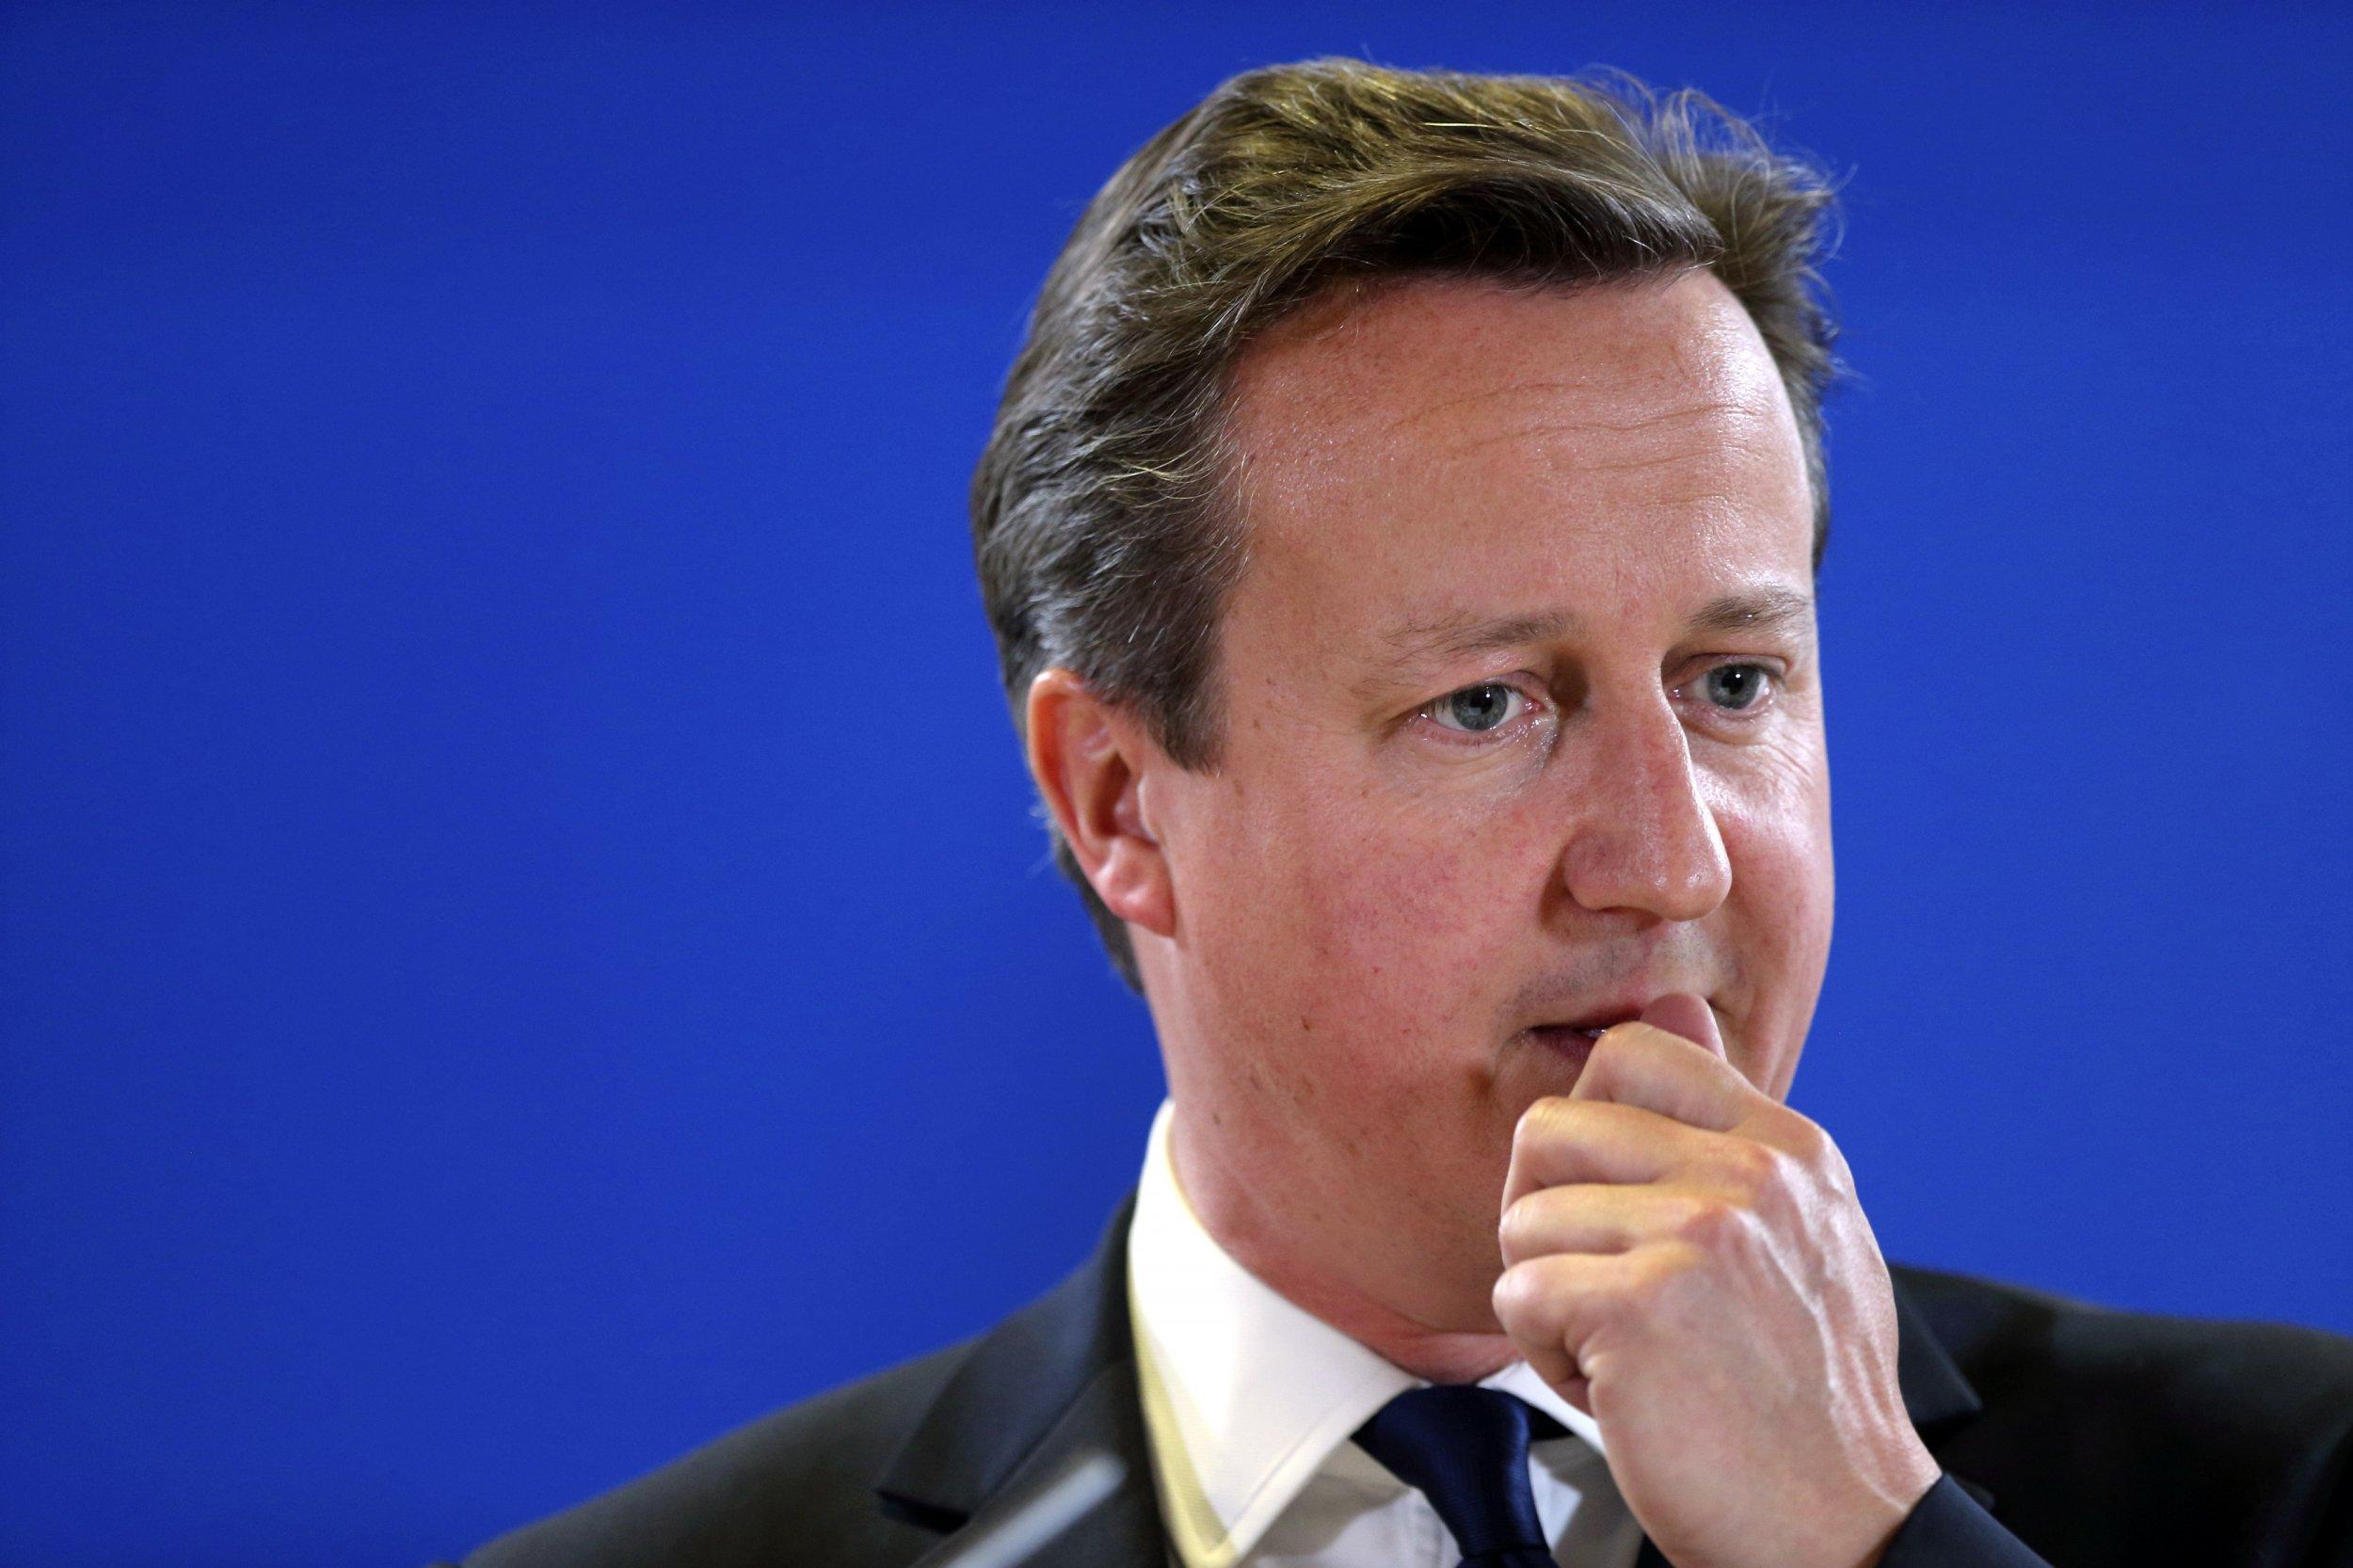 David Cameron at EU leaders summit